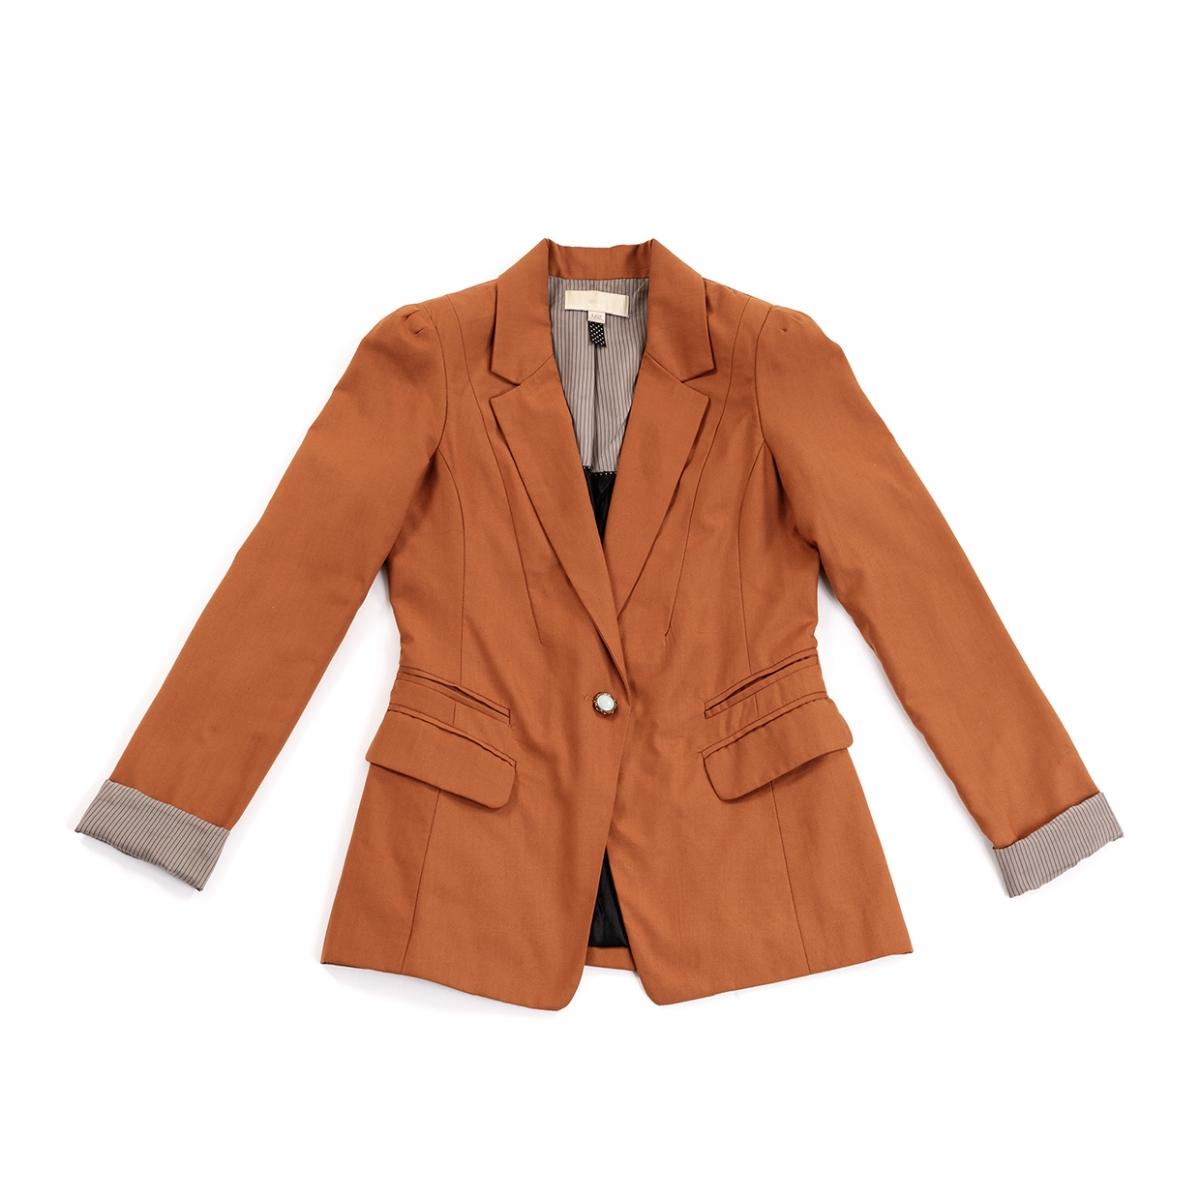 Imagen en la que se ve una chaqueta americana de mujer